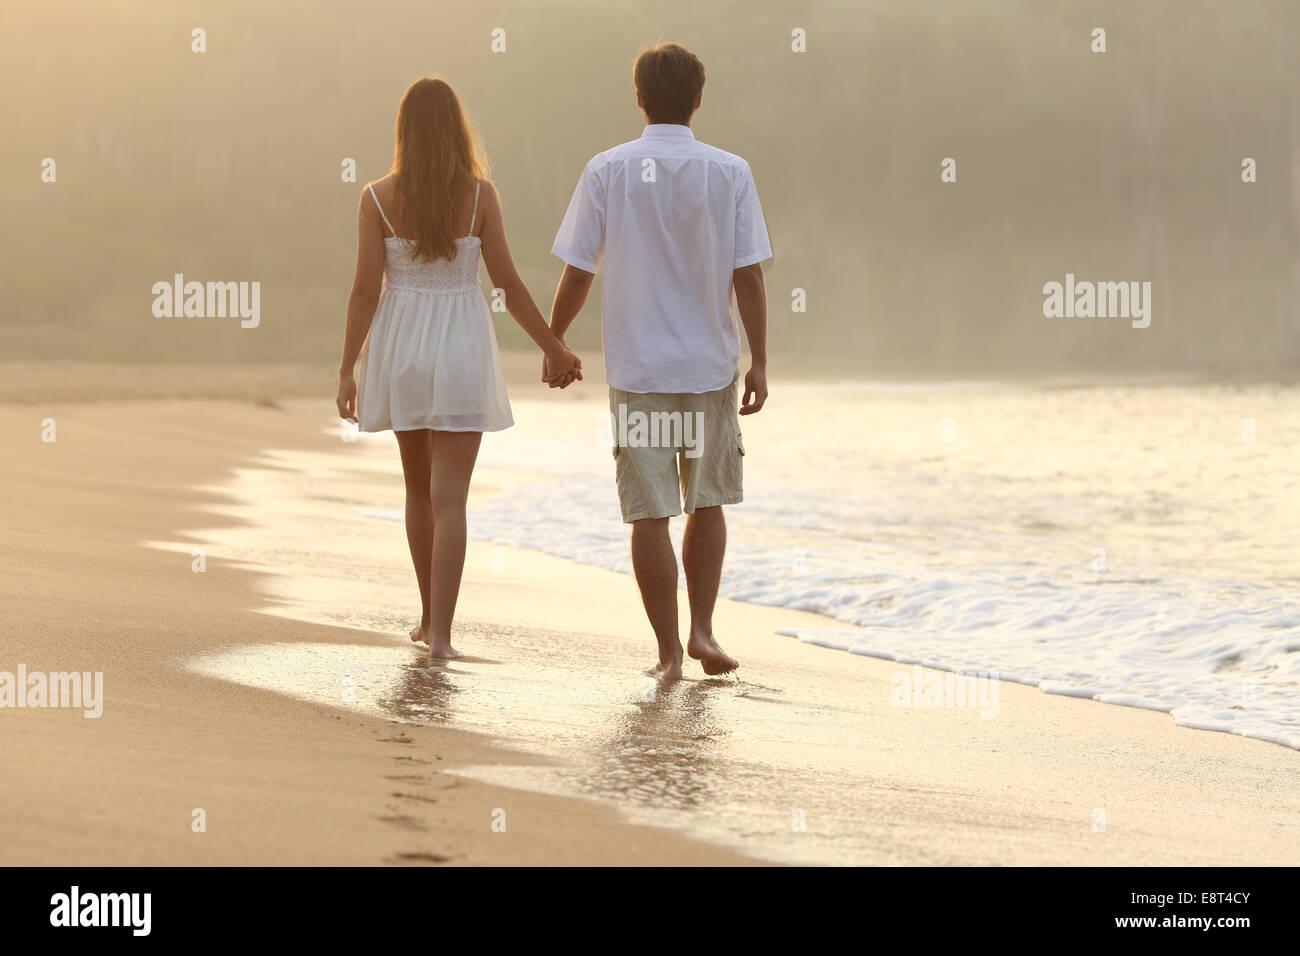 Vista posterior de una pareja caminando y tomados de la mano en la arena de una playa en el atardecer. Foto de stock